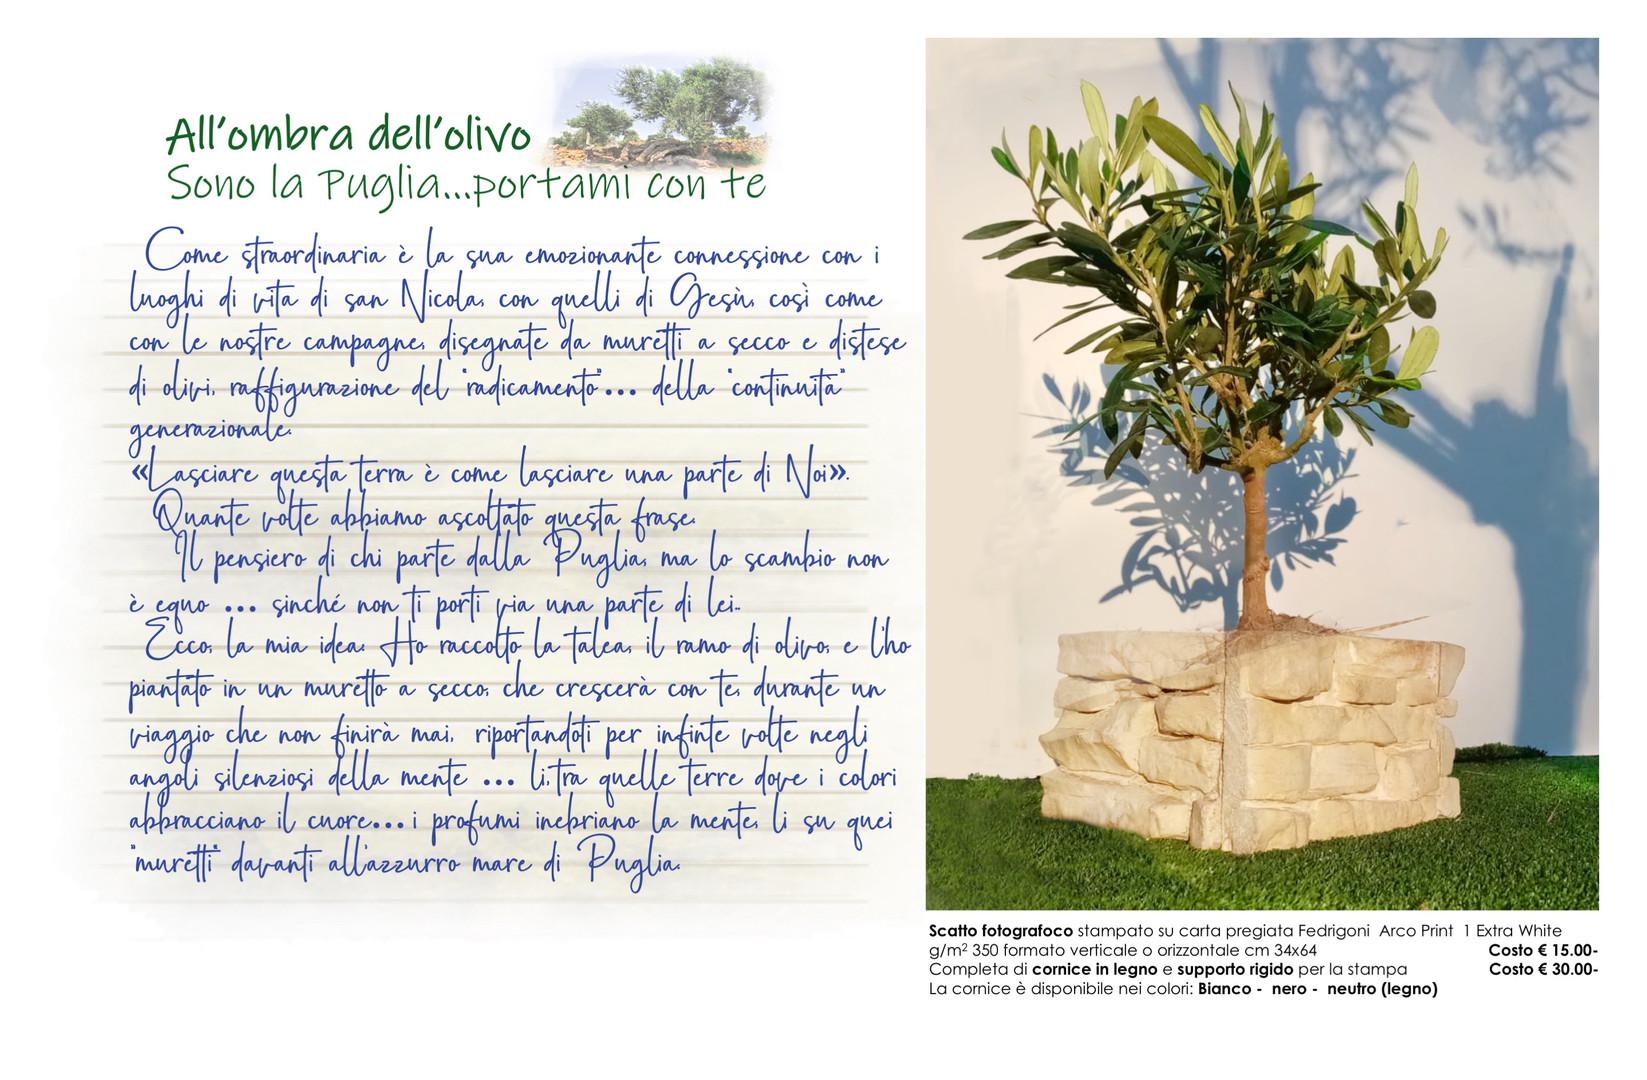 00008 All'ombra dell'olivo Talea muretto